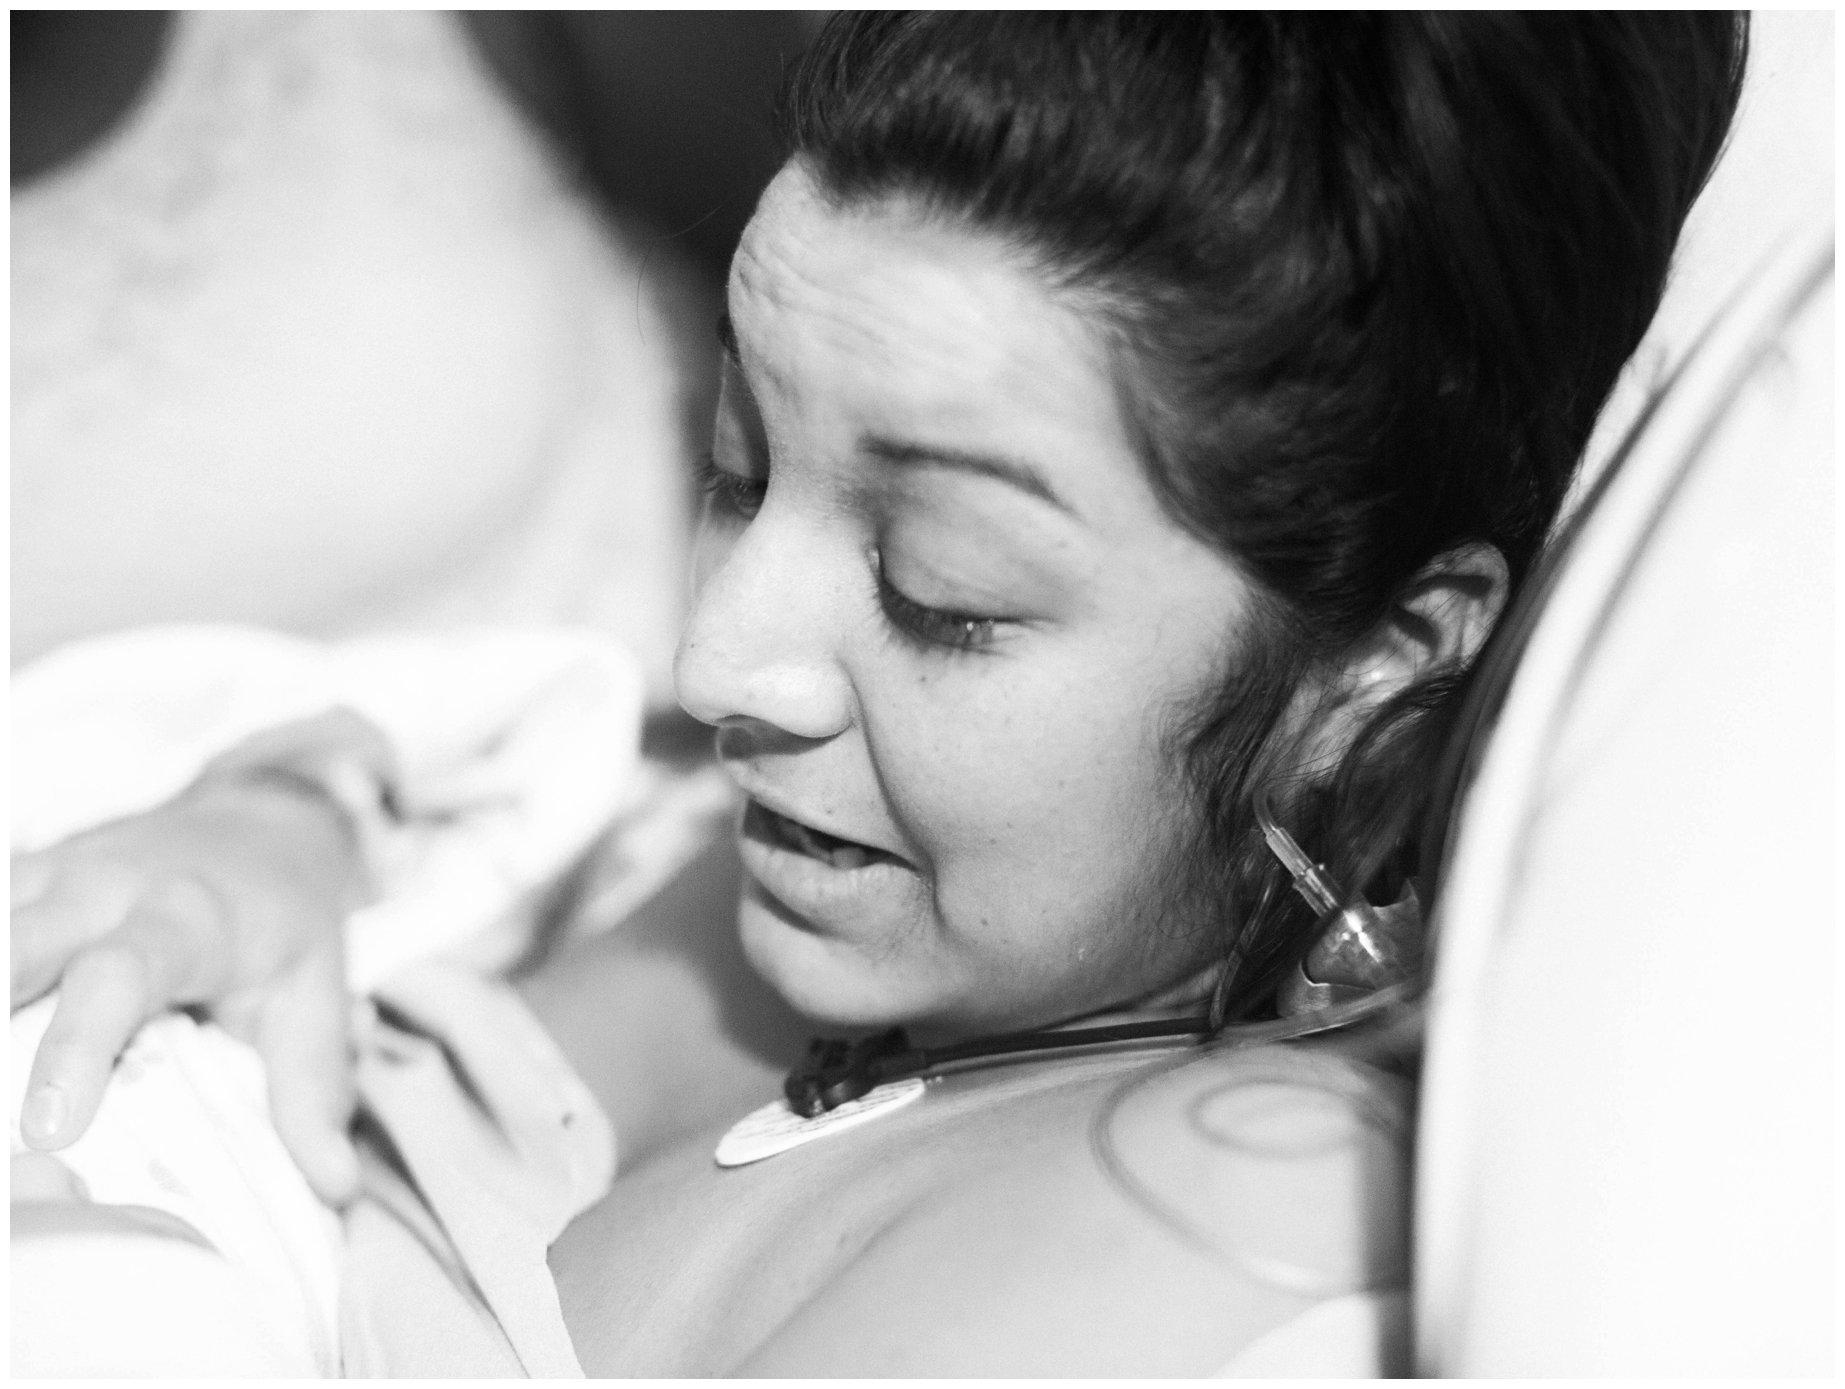 st louis photography_maternity_lauren muckler photography_film_st louis film photographer_0138.jpg